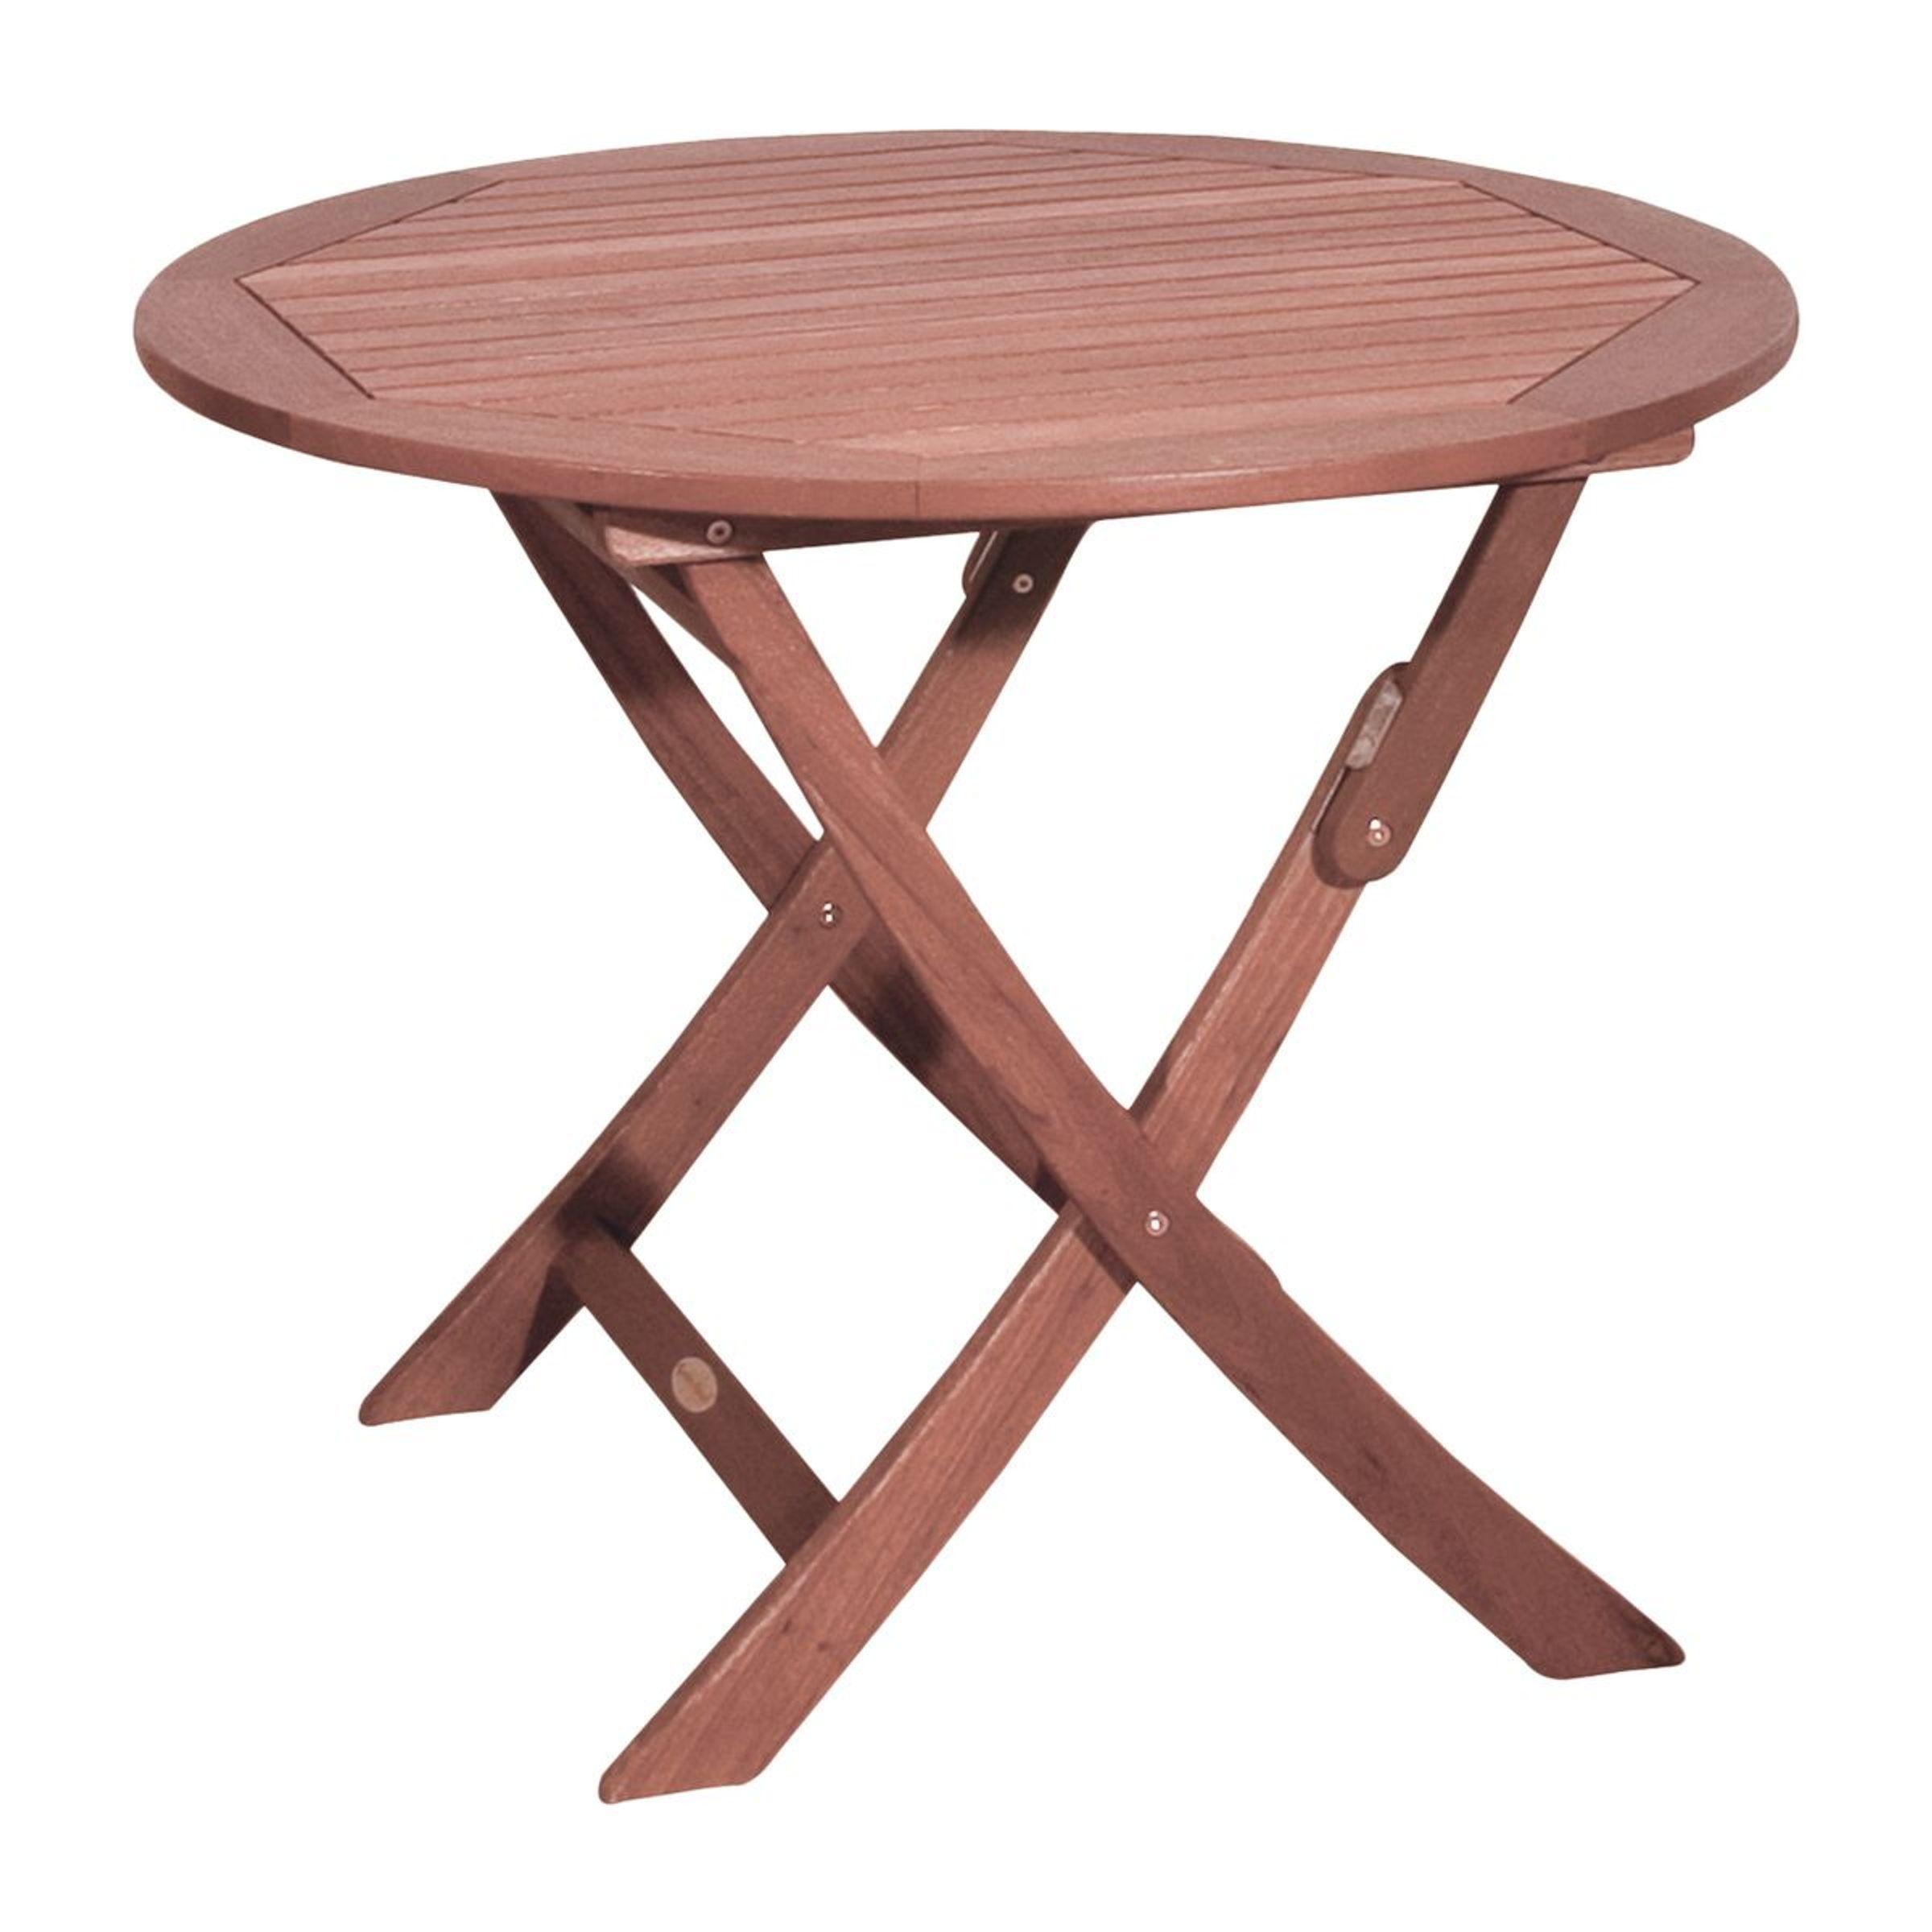 Holztisch Rund Garten.Klapptisch Tisch Gartentisch Holztisch Garten Klappbar Holz Rund ø 90 Cm